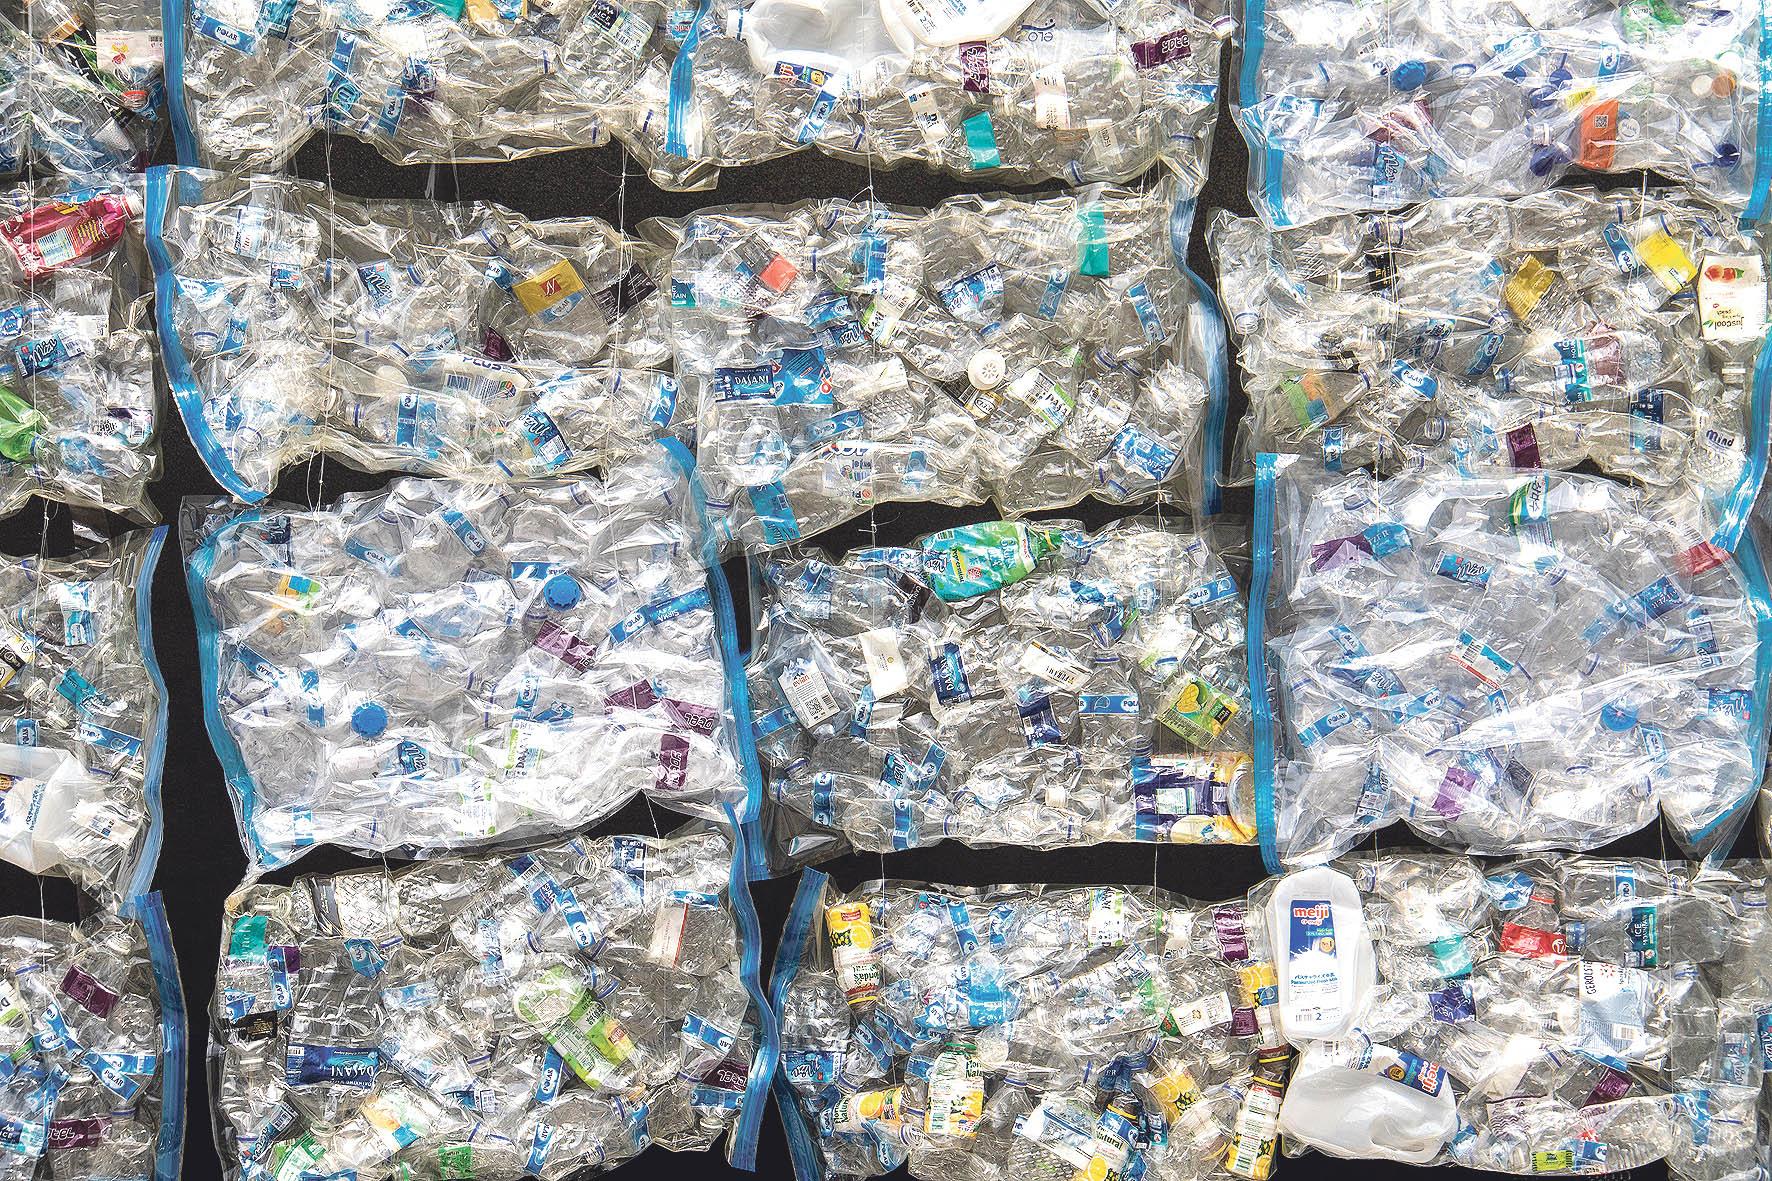 Recyklaci by měla podpořit nová odpadová legislativa, kterou vzáří projednávala Poslanecká sněmovna.